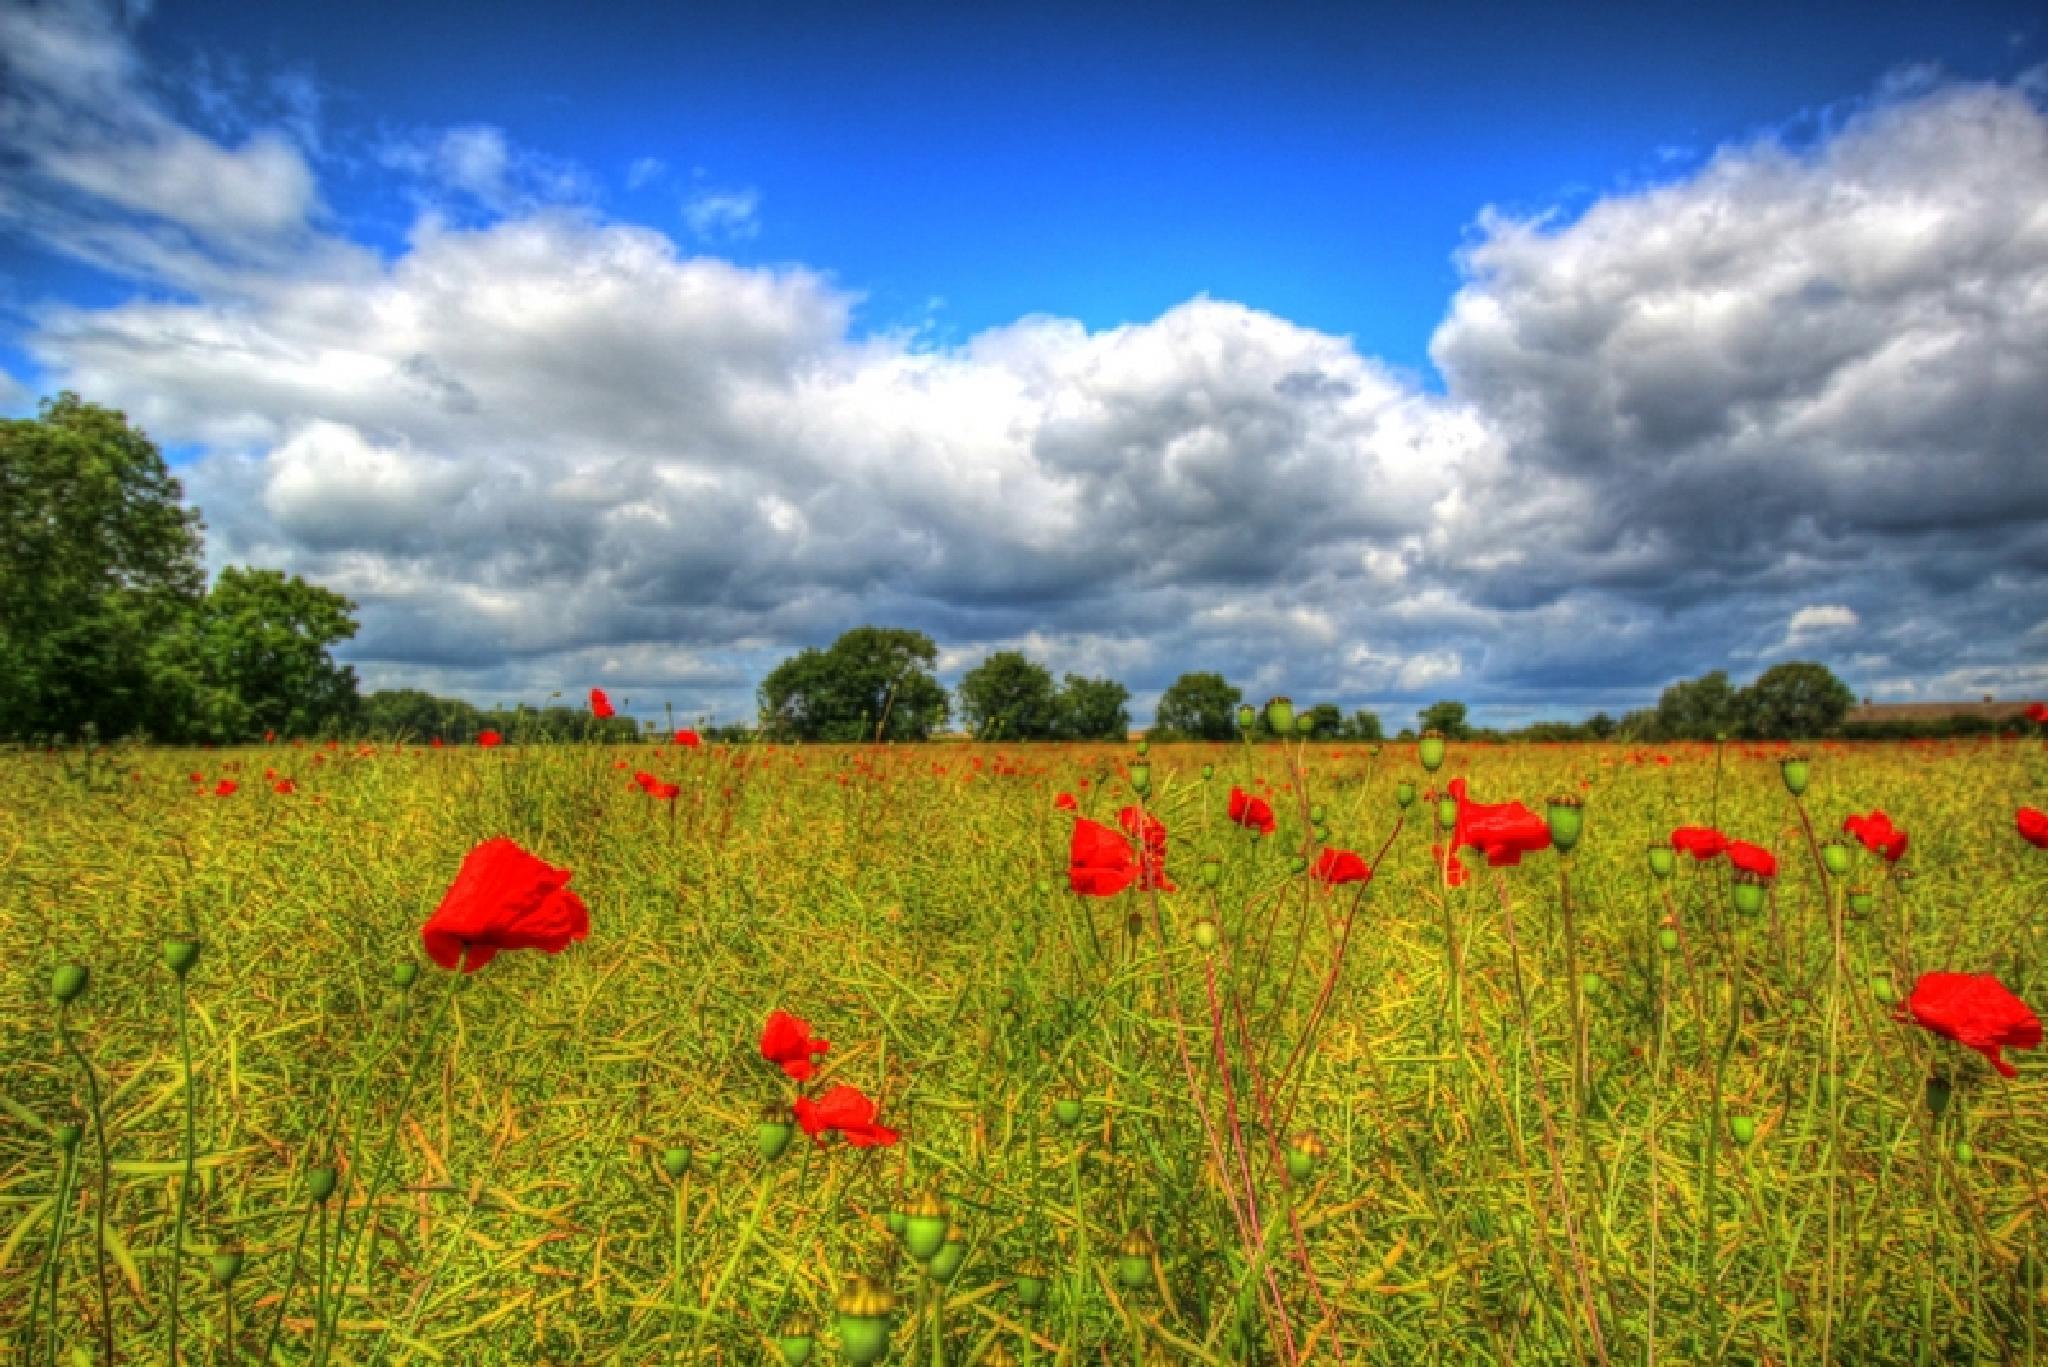 poppy field hartlepool UK by Mick Mac